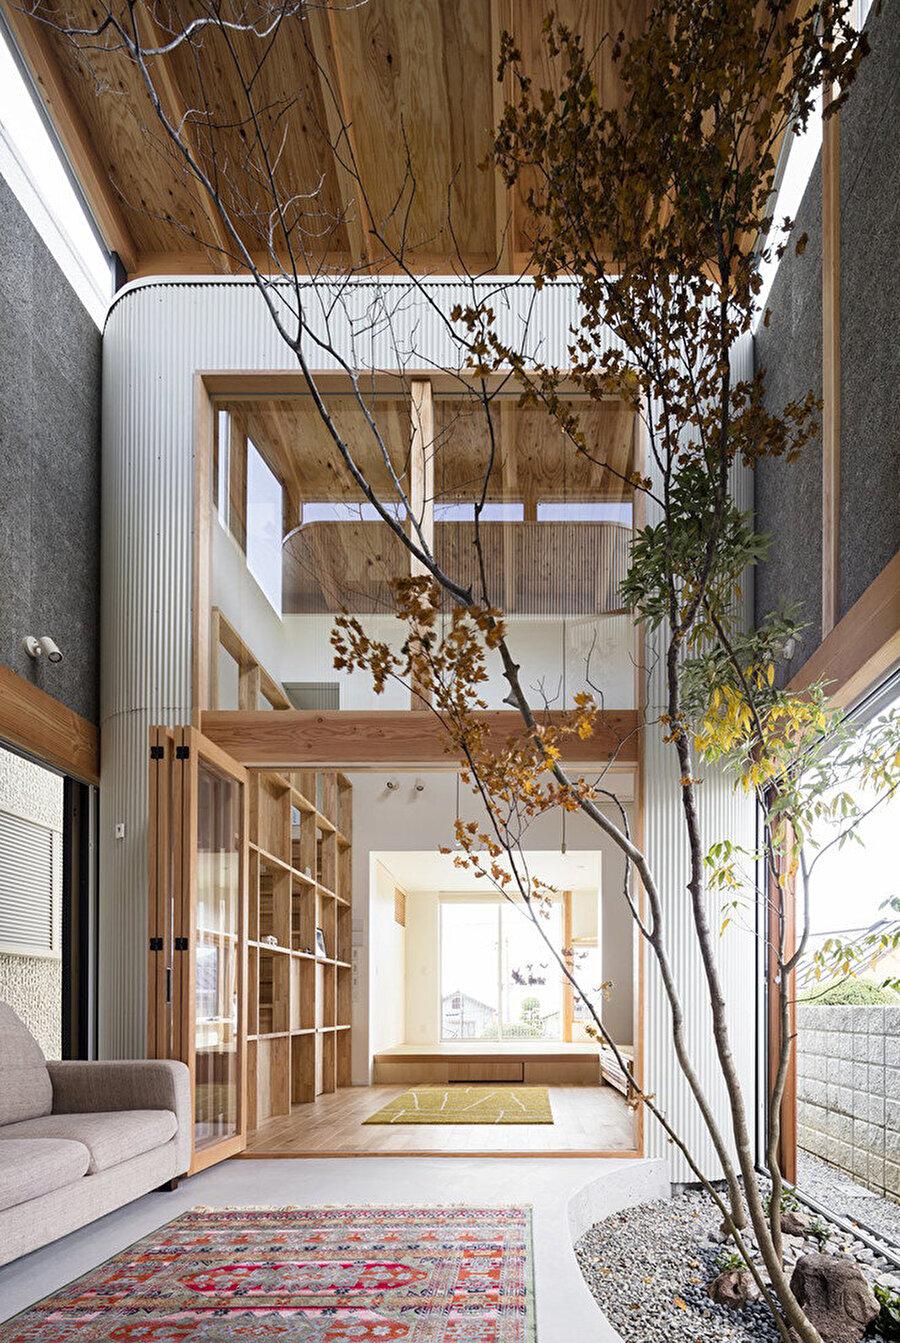 İki kat yüksekliğindeki avluda, ağaç dalları konutun tavanını kadar ulaşıyor.